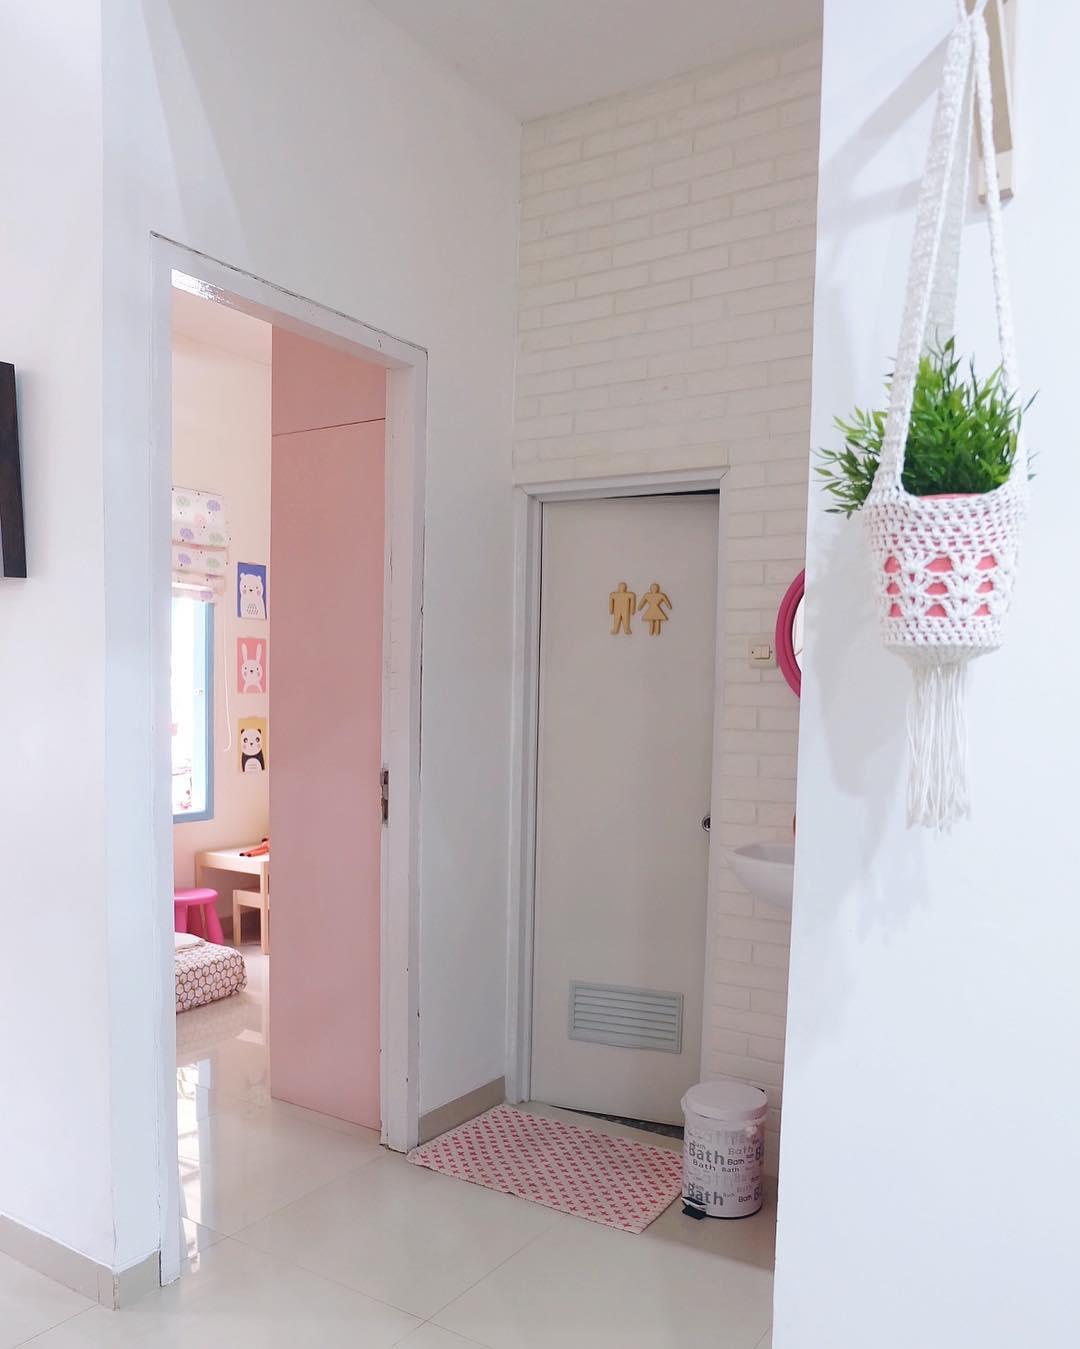 64 Gambar Desain Interior Rumah Type 36 Luas Tanah 84 Terbaru Download